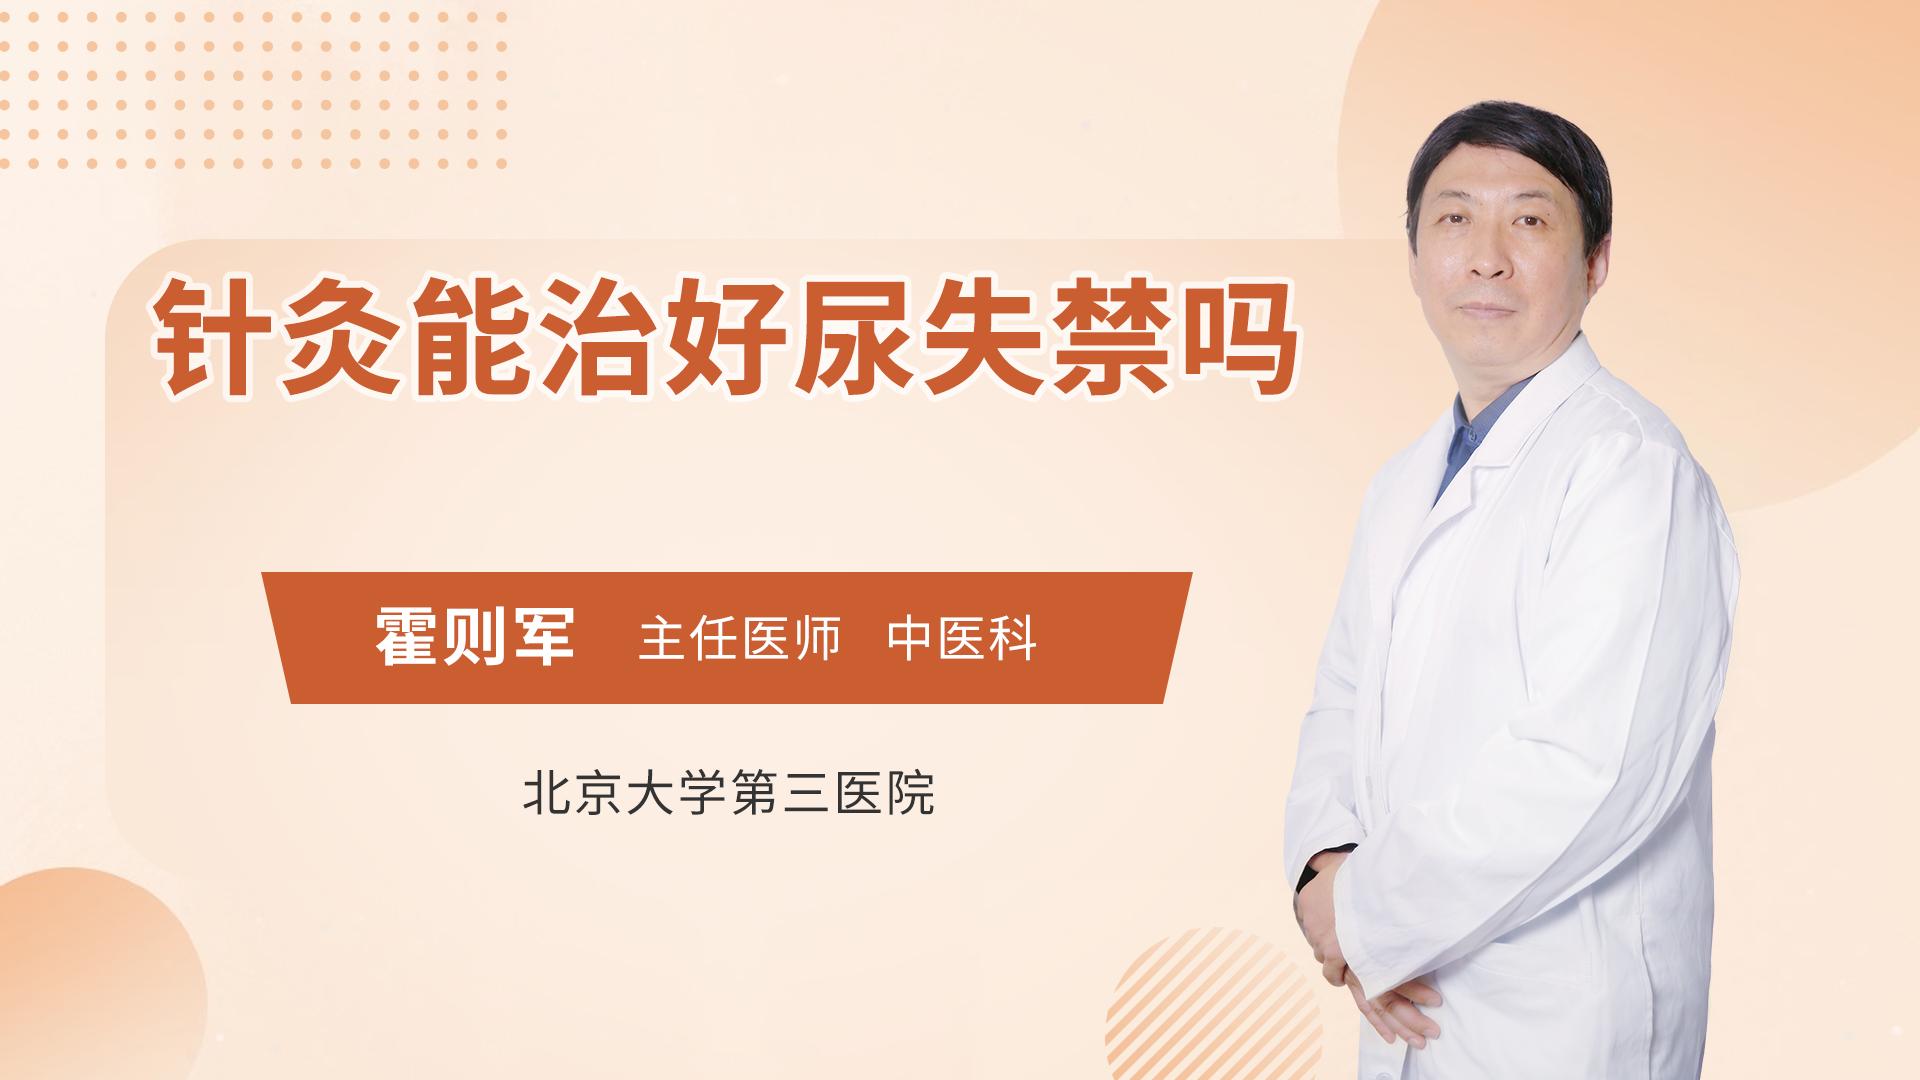 针灸能治好尿失禁吗